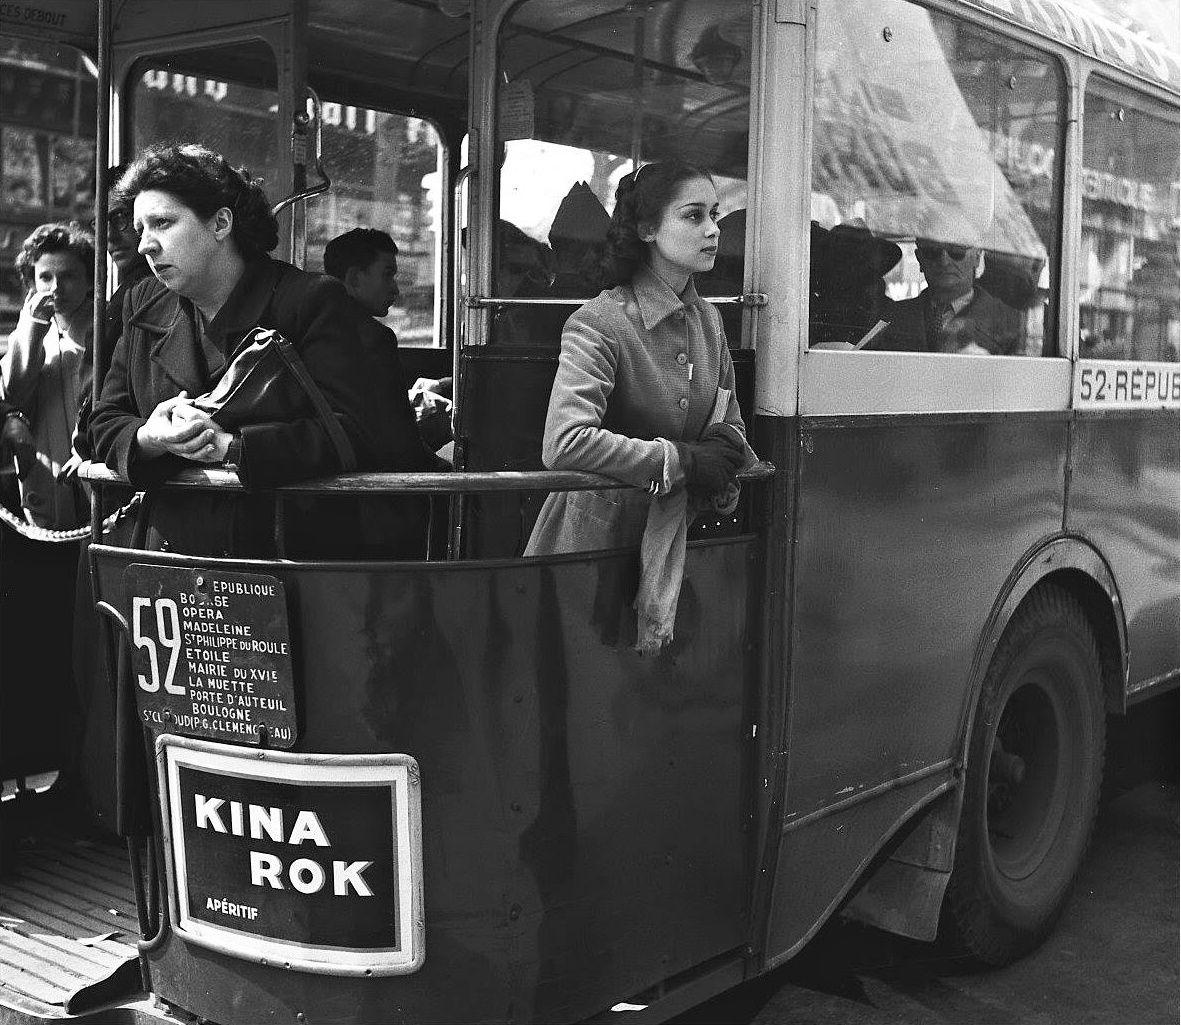 Fred brommet sur la plate forme du bus 52 r publique for Restaurant miroir paris